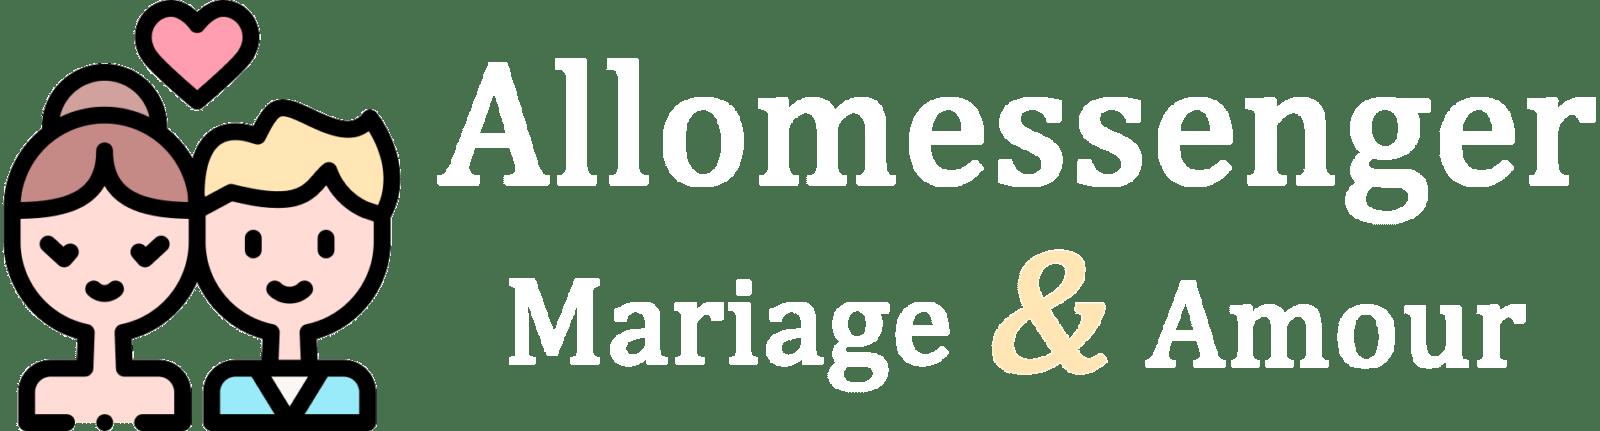 logo-allomessenger